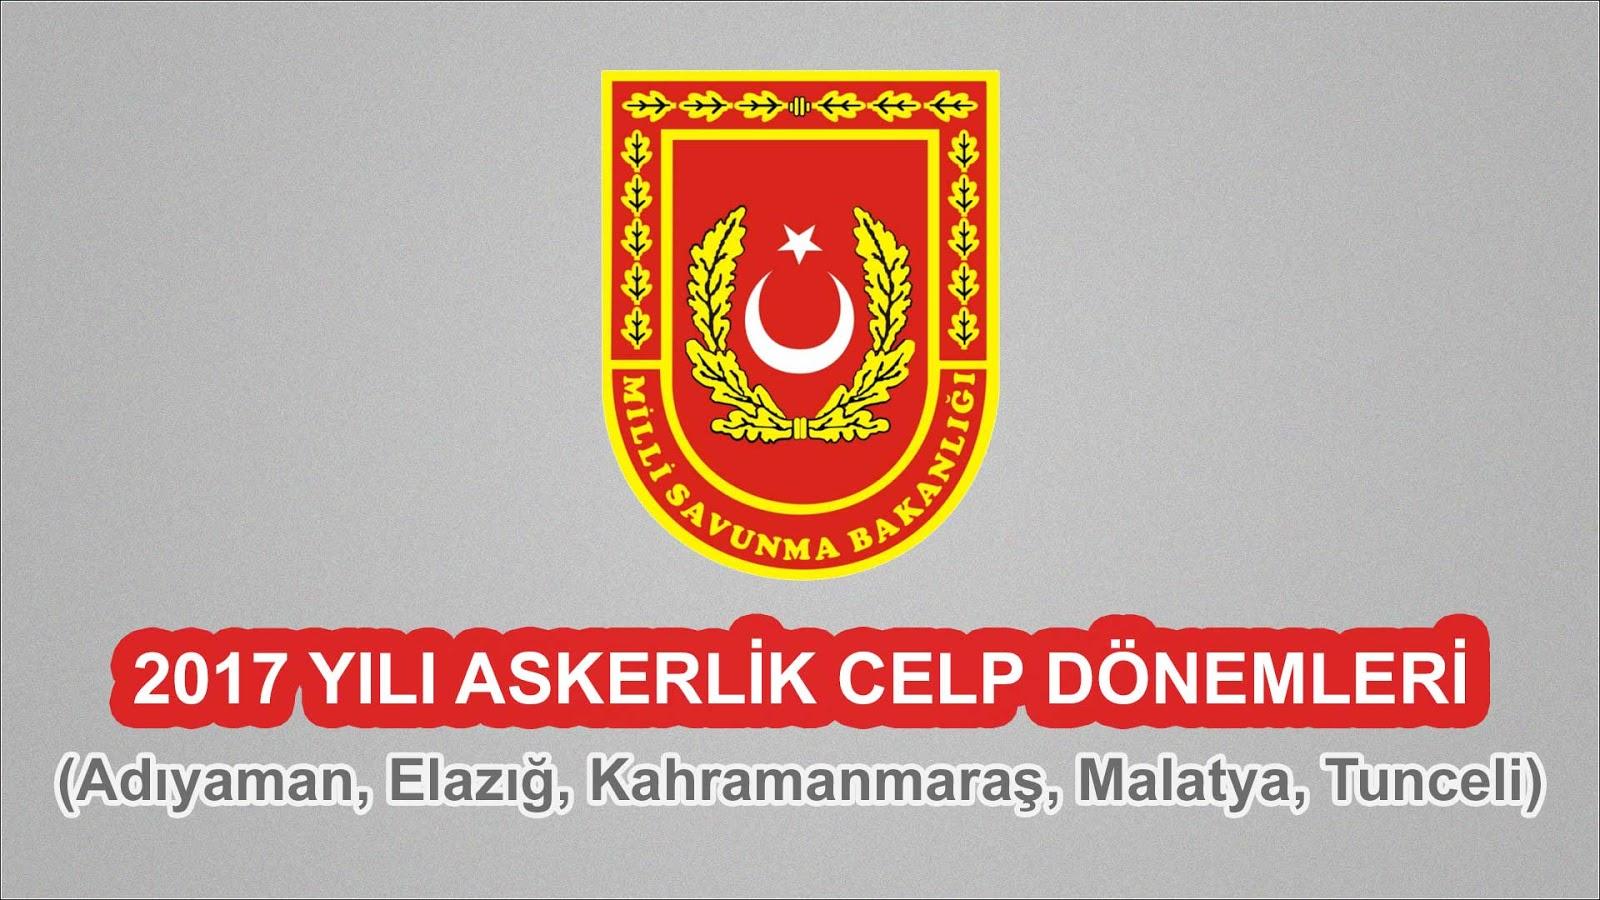 2017 Yılı Adıyaman, Elazığ, Kahramanmaraş, Malatya Askerlik Celp Dönemleri